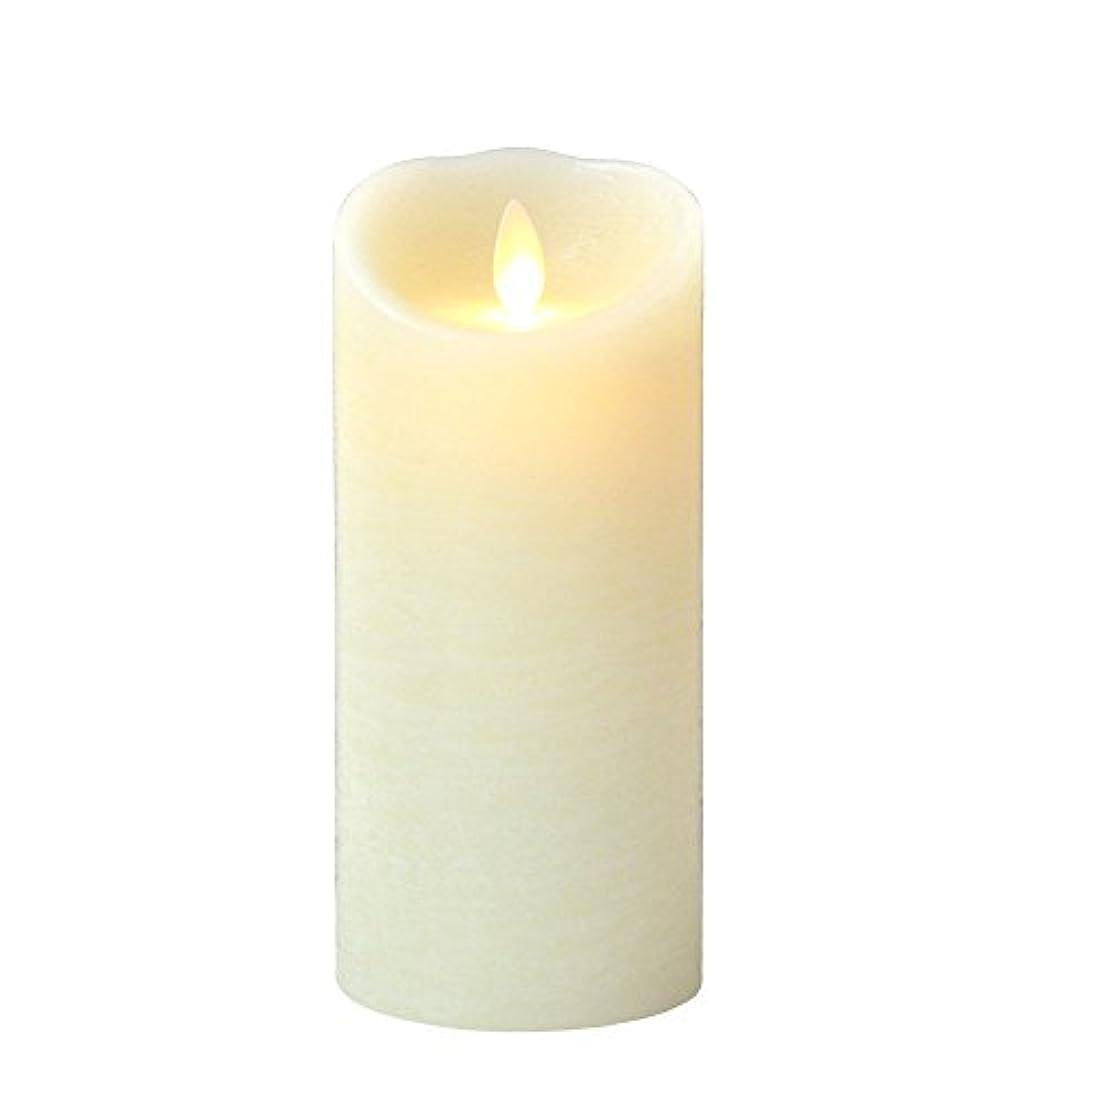 オリエント頑張る北西癒しの香りが素敵な間接照明! LUMINARA ルミナラ ピラー3×6 ラスティク B0320-00-20 IV?オーシャンブリーズ